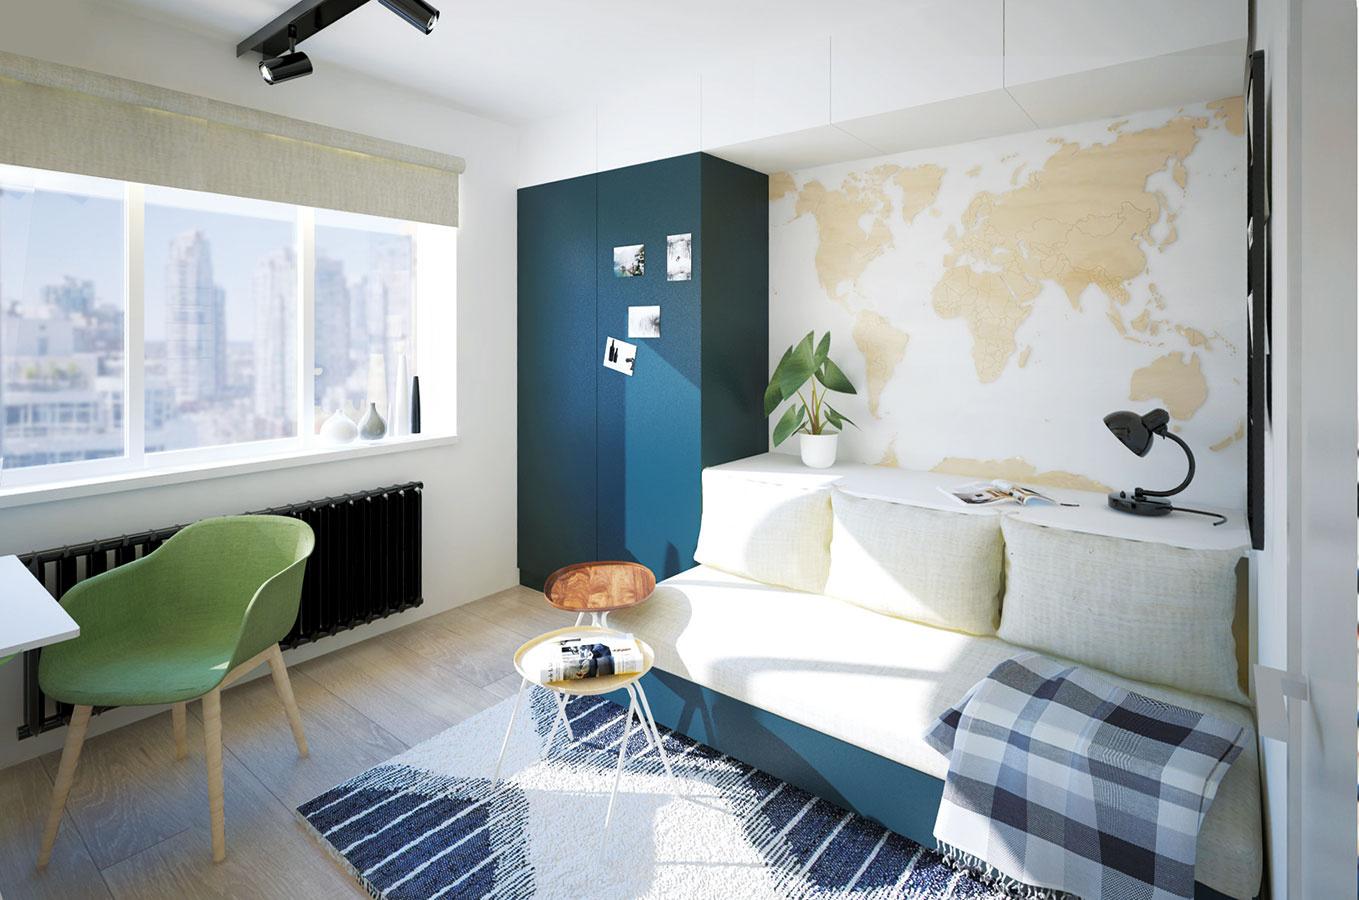 Multifunkčná nábytková stena tvorí celok zastupujúci úložné priestory, sedačku aj posteľ. Modrá farba podporuje cestovateľskú náladu v interiéri.